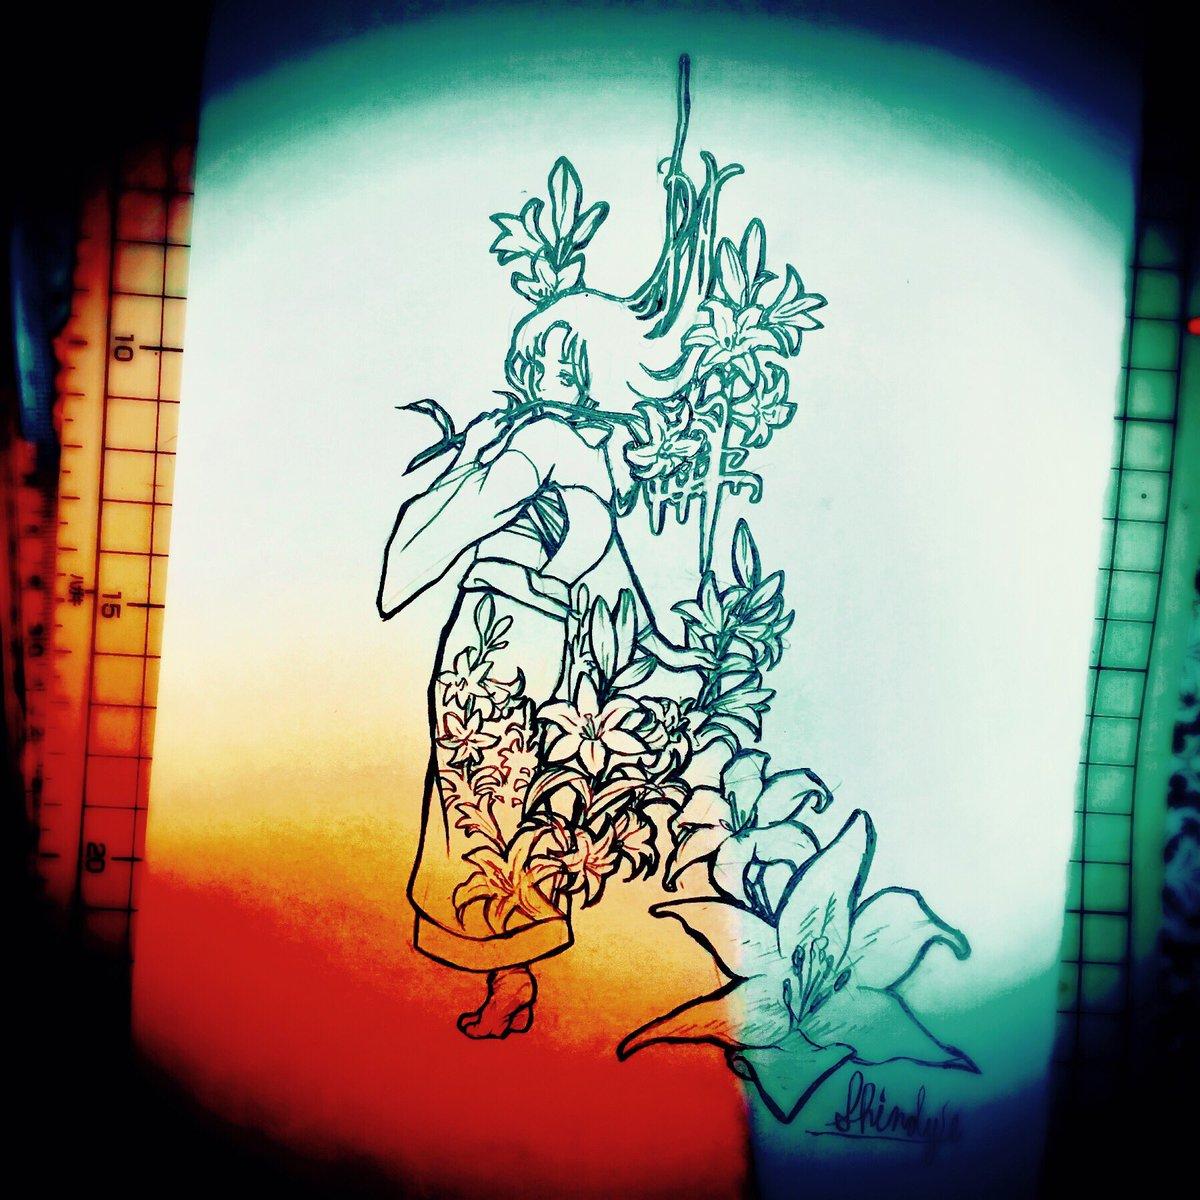 【お絵かき】#ガラスの仮面 #北島マヤ『夢宴桜』より 海堂寺千絵[ササユリ/花言葉:純潔・清浄]#鉛筆画 #イラスト